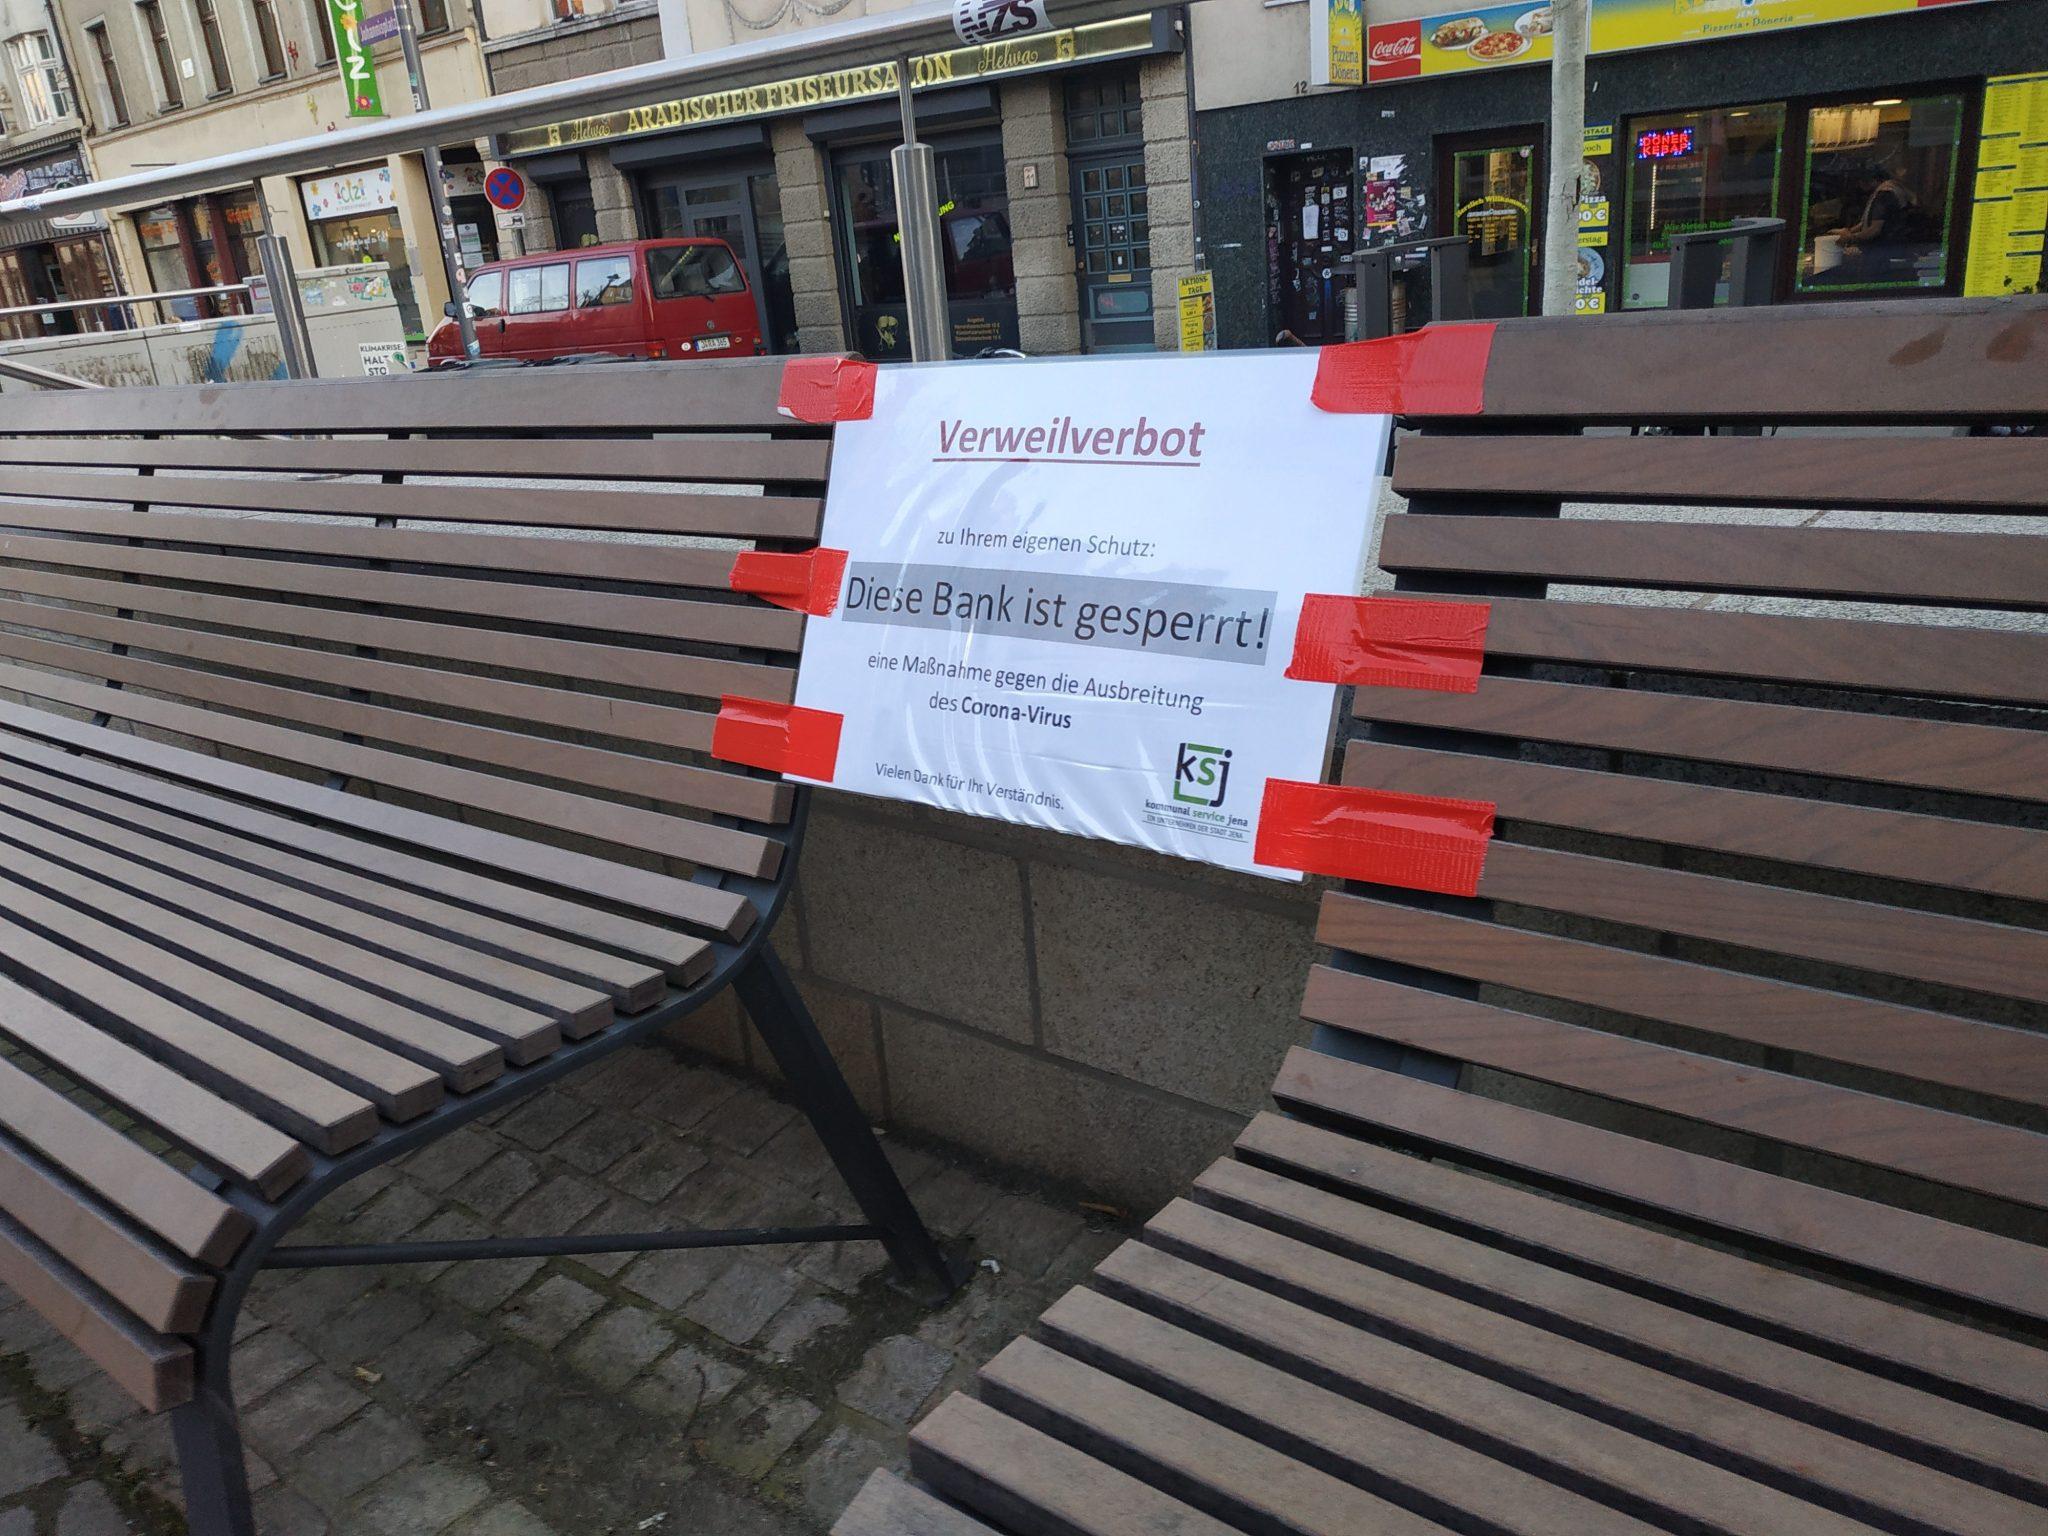 Jena: Banksperrungen werden aufgehoben / kein Verweilverbot in der Stadt